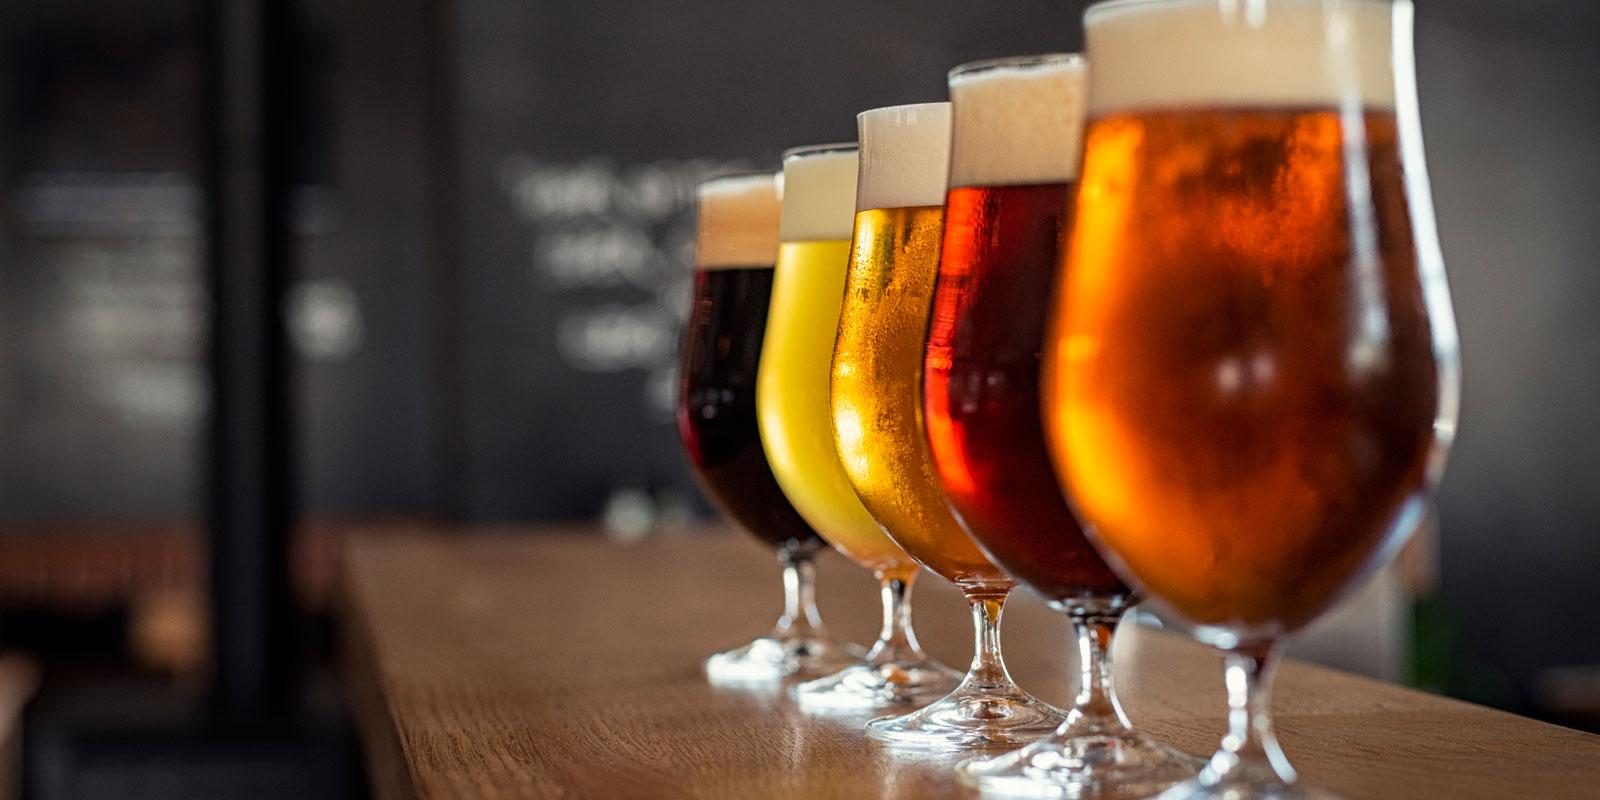 Bier duurder door sluiting horeca door Corona